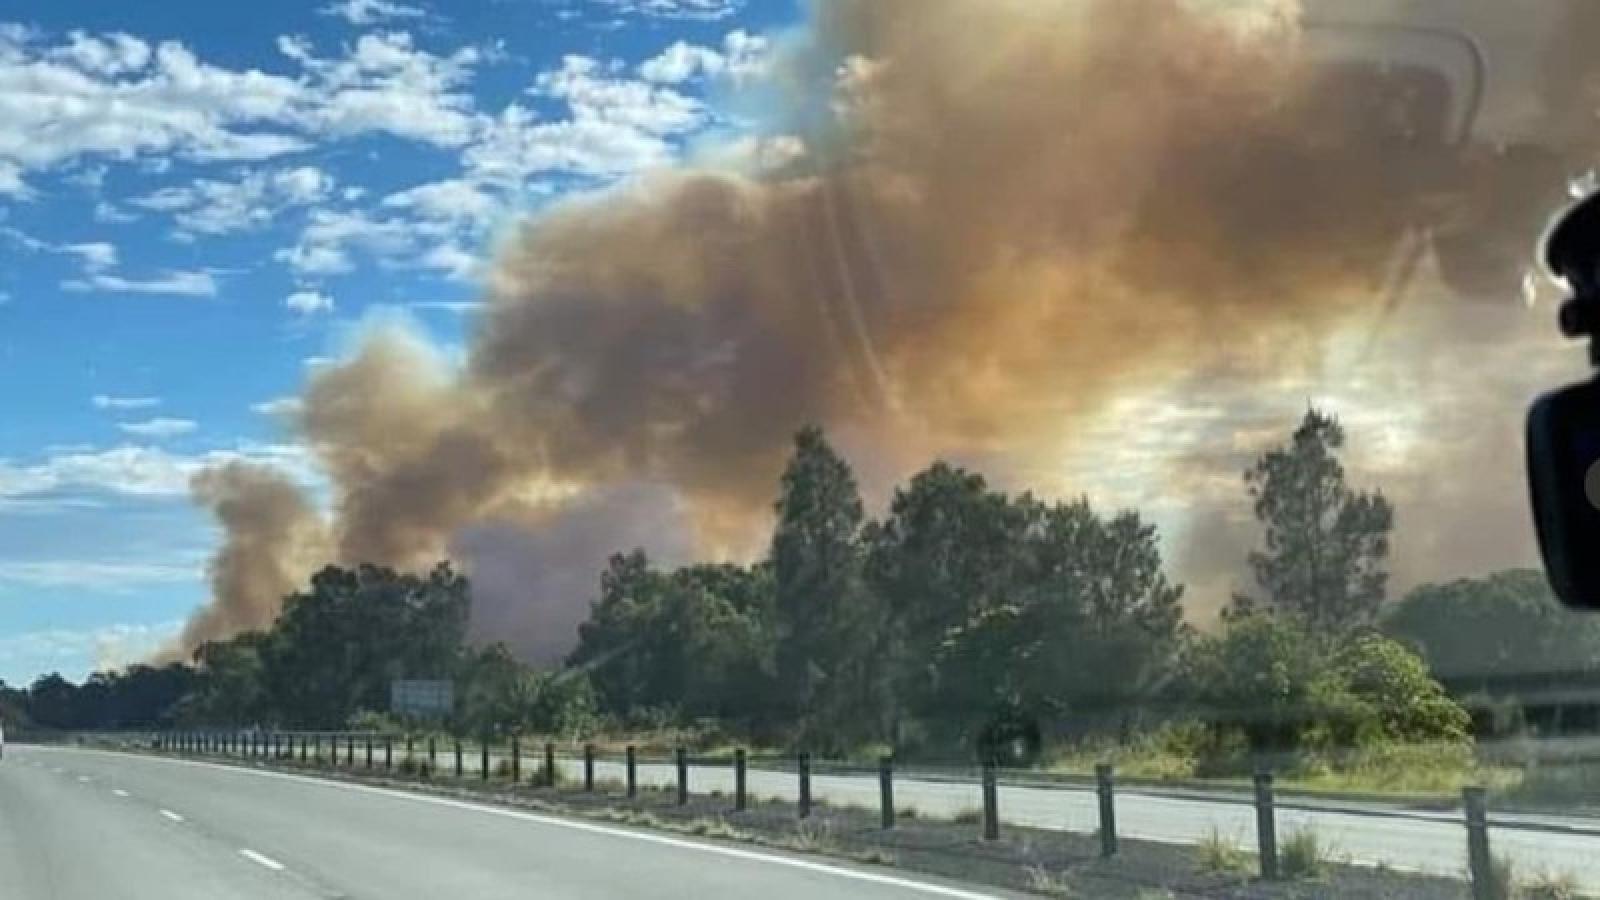 Thảm họa cháy rừng năm 2019 tại Australia có thể lặp lại